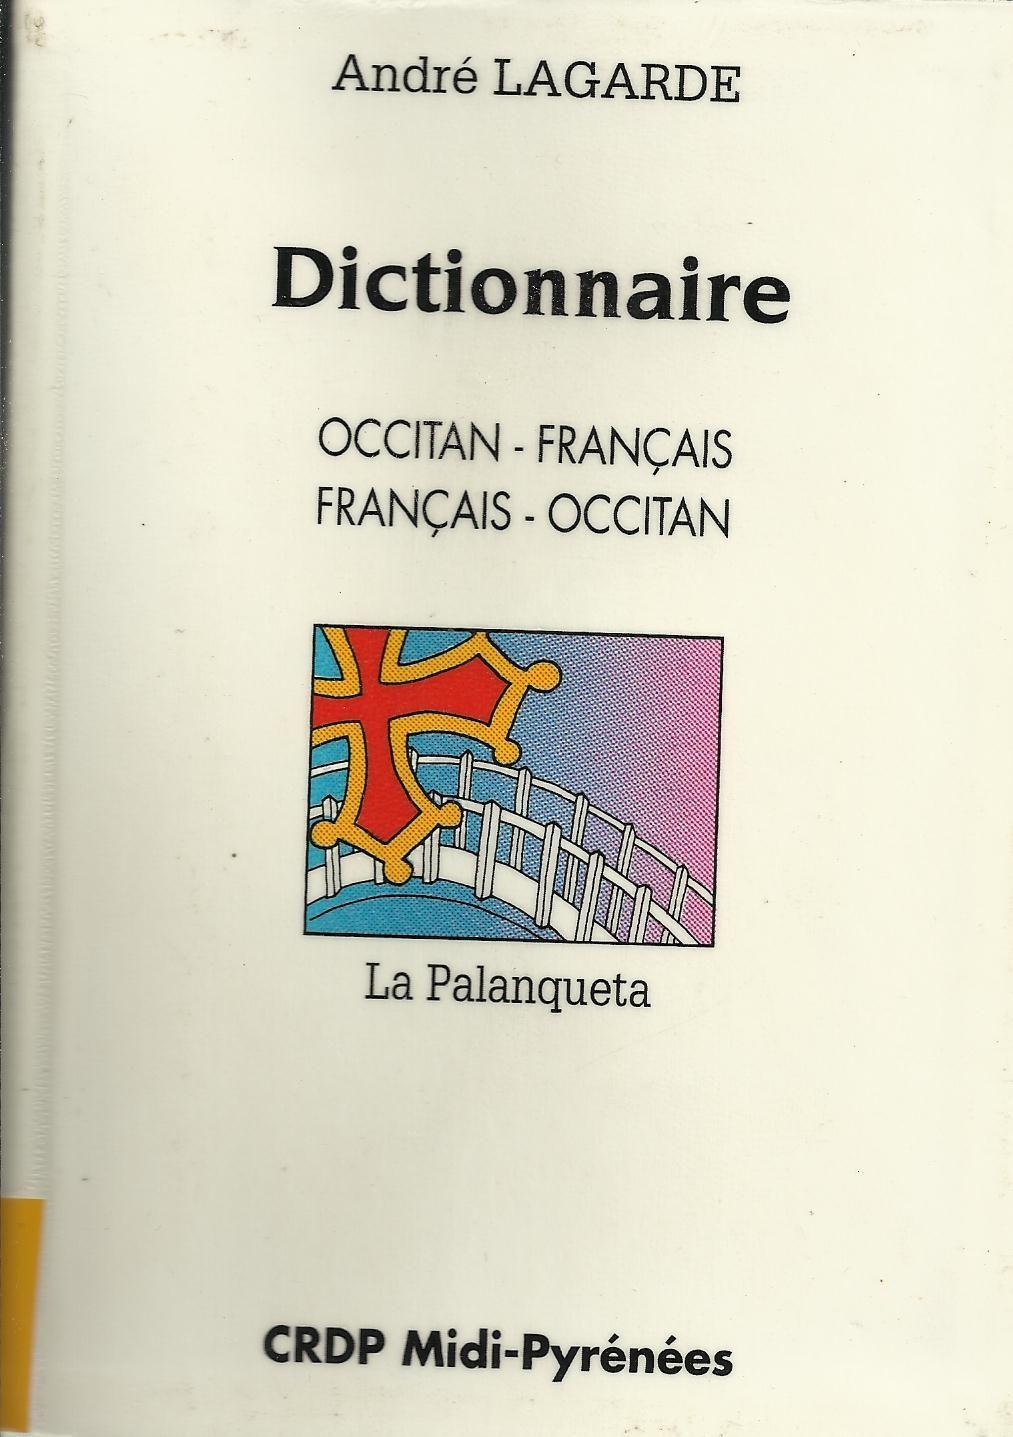 Traduction Occitan-français Première : traduction, occitan-français, première, Dictionnaire, Occitan-Français,, Français-Occitan, Rakuten